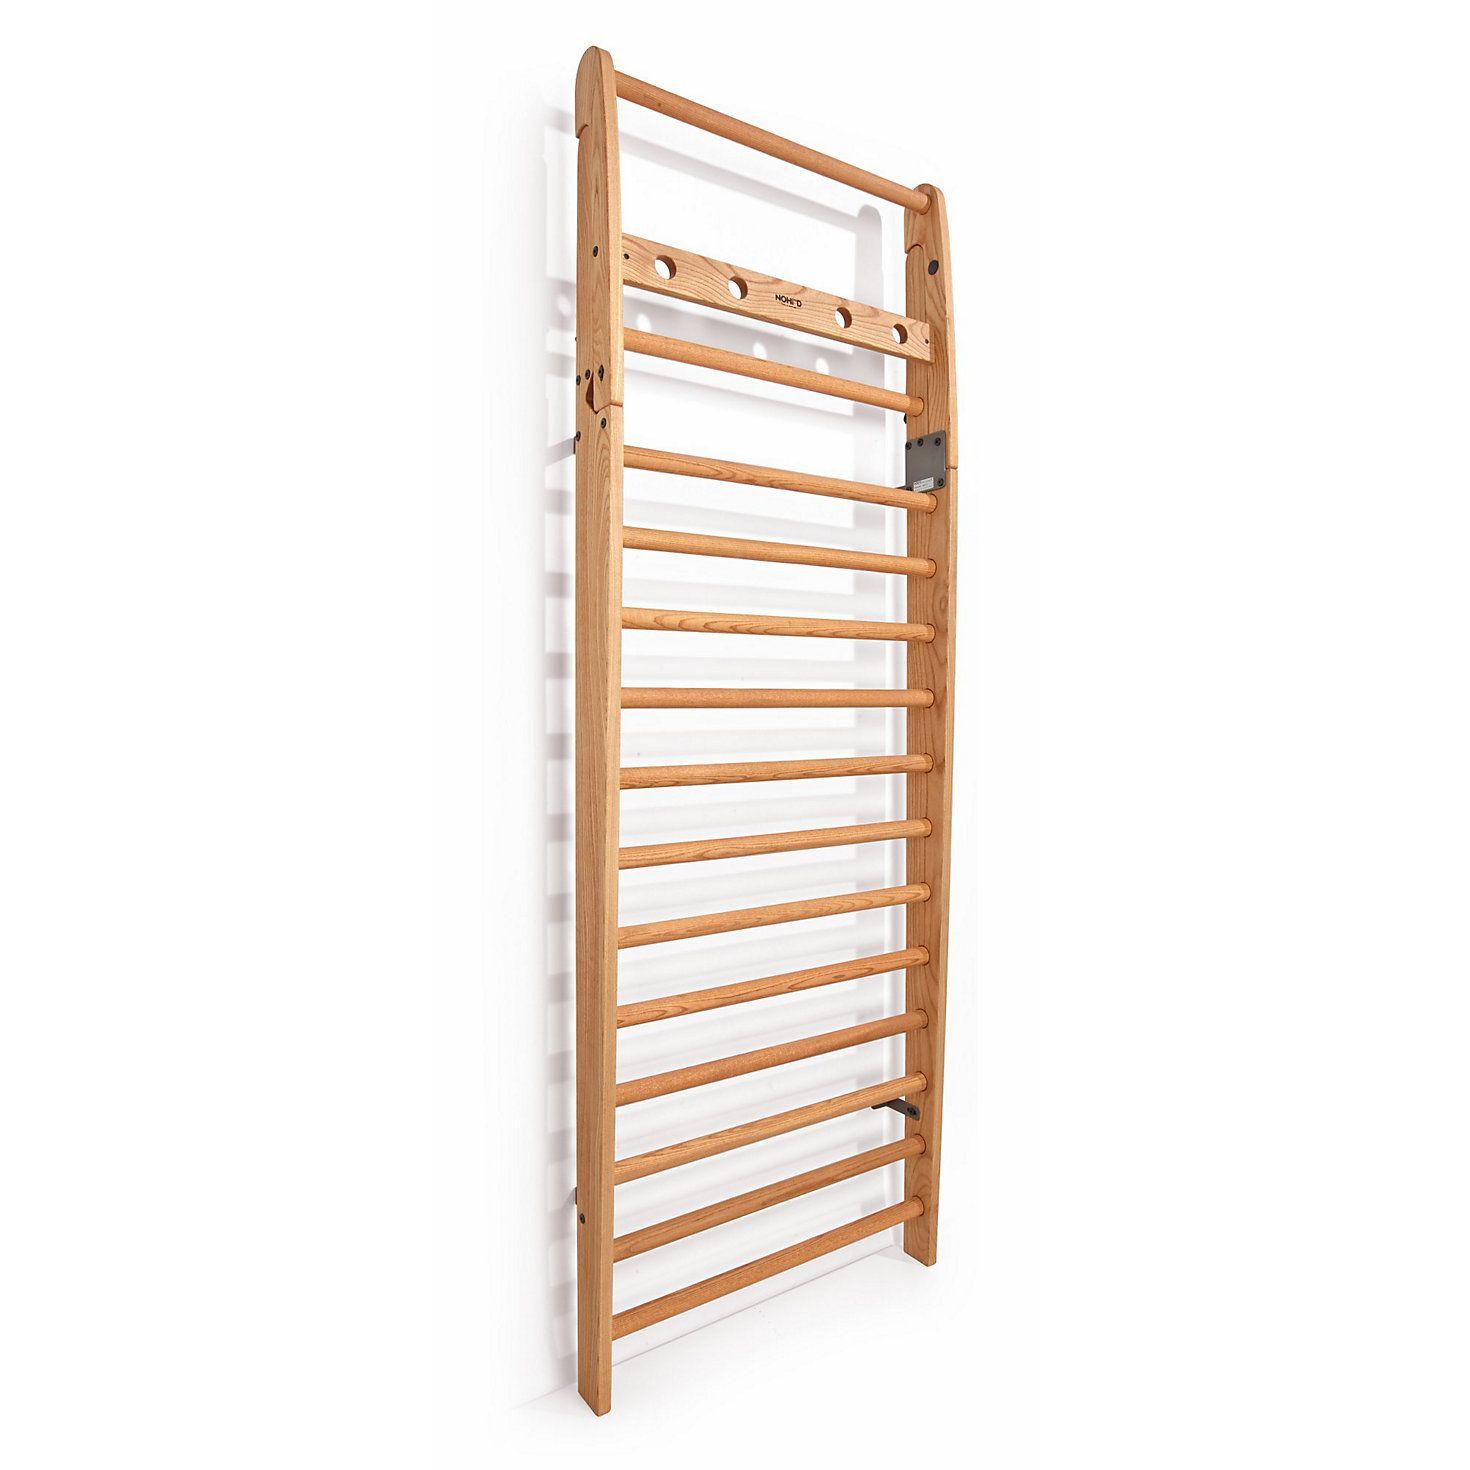 Sprossenwand Eschenholz | Sprossenwand, Sprossen und Manufactum